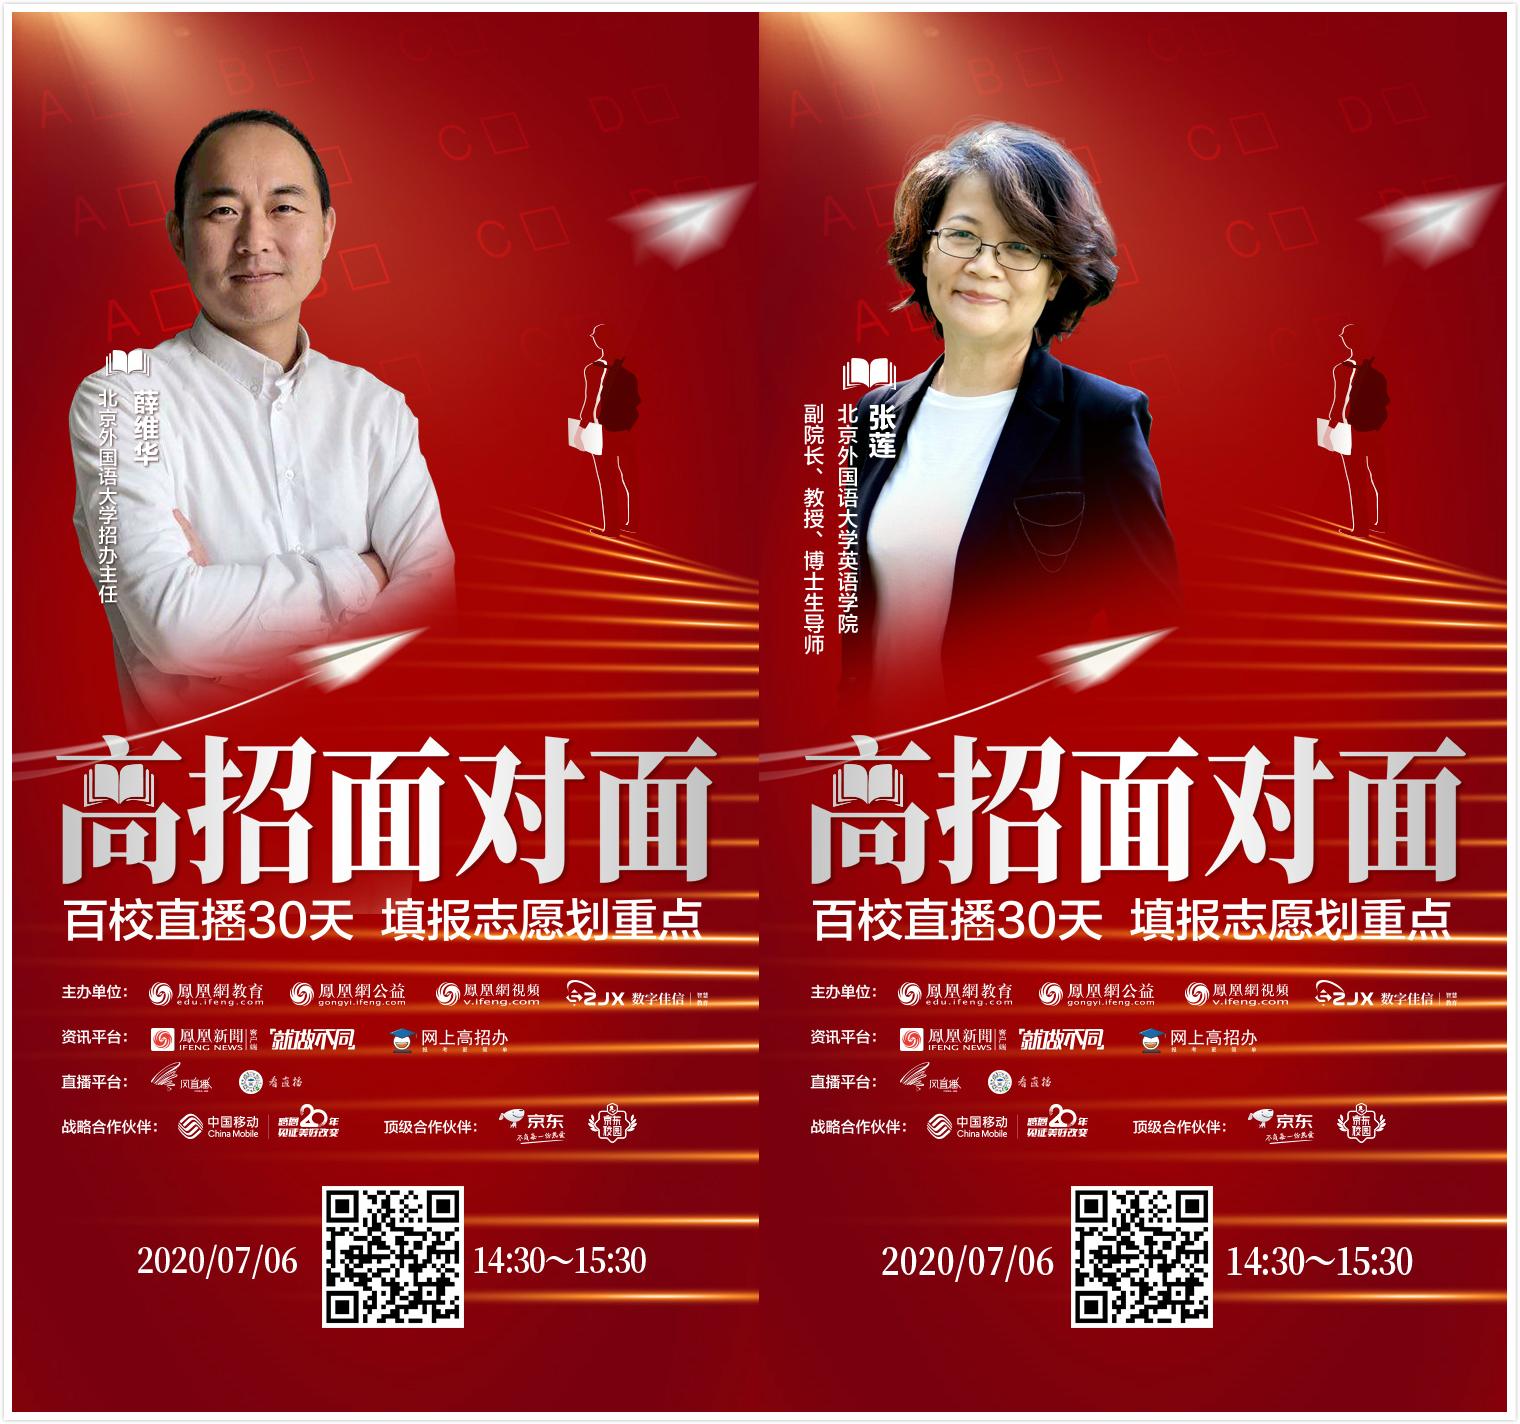 北京外国语大学:多种实验班培养语言人才,学生有望直通新华社